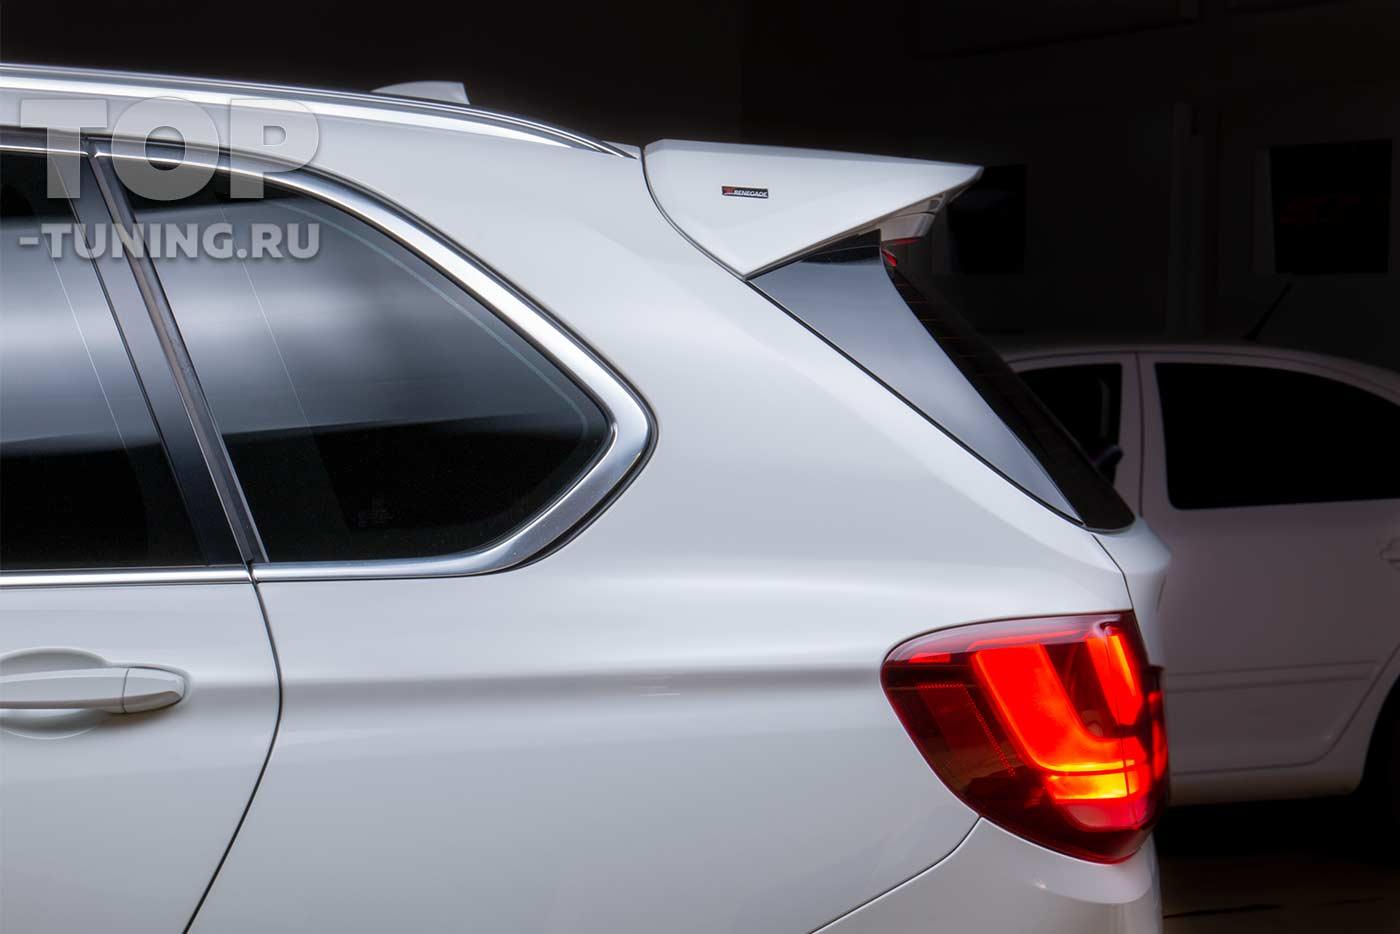 Спойлер на крышку багажника для BMW X5 F15 RENEGADE Design